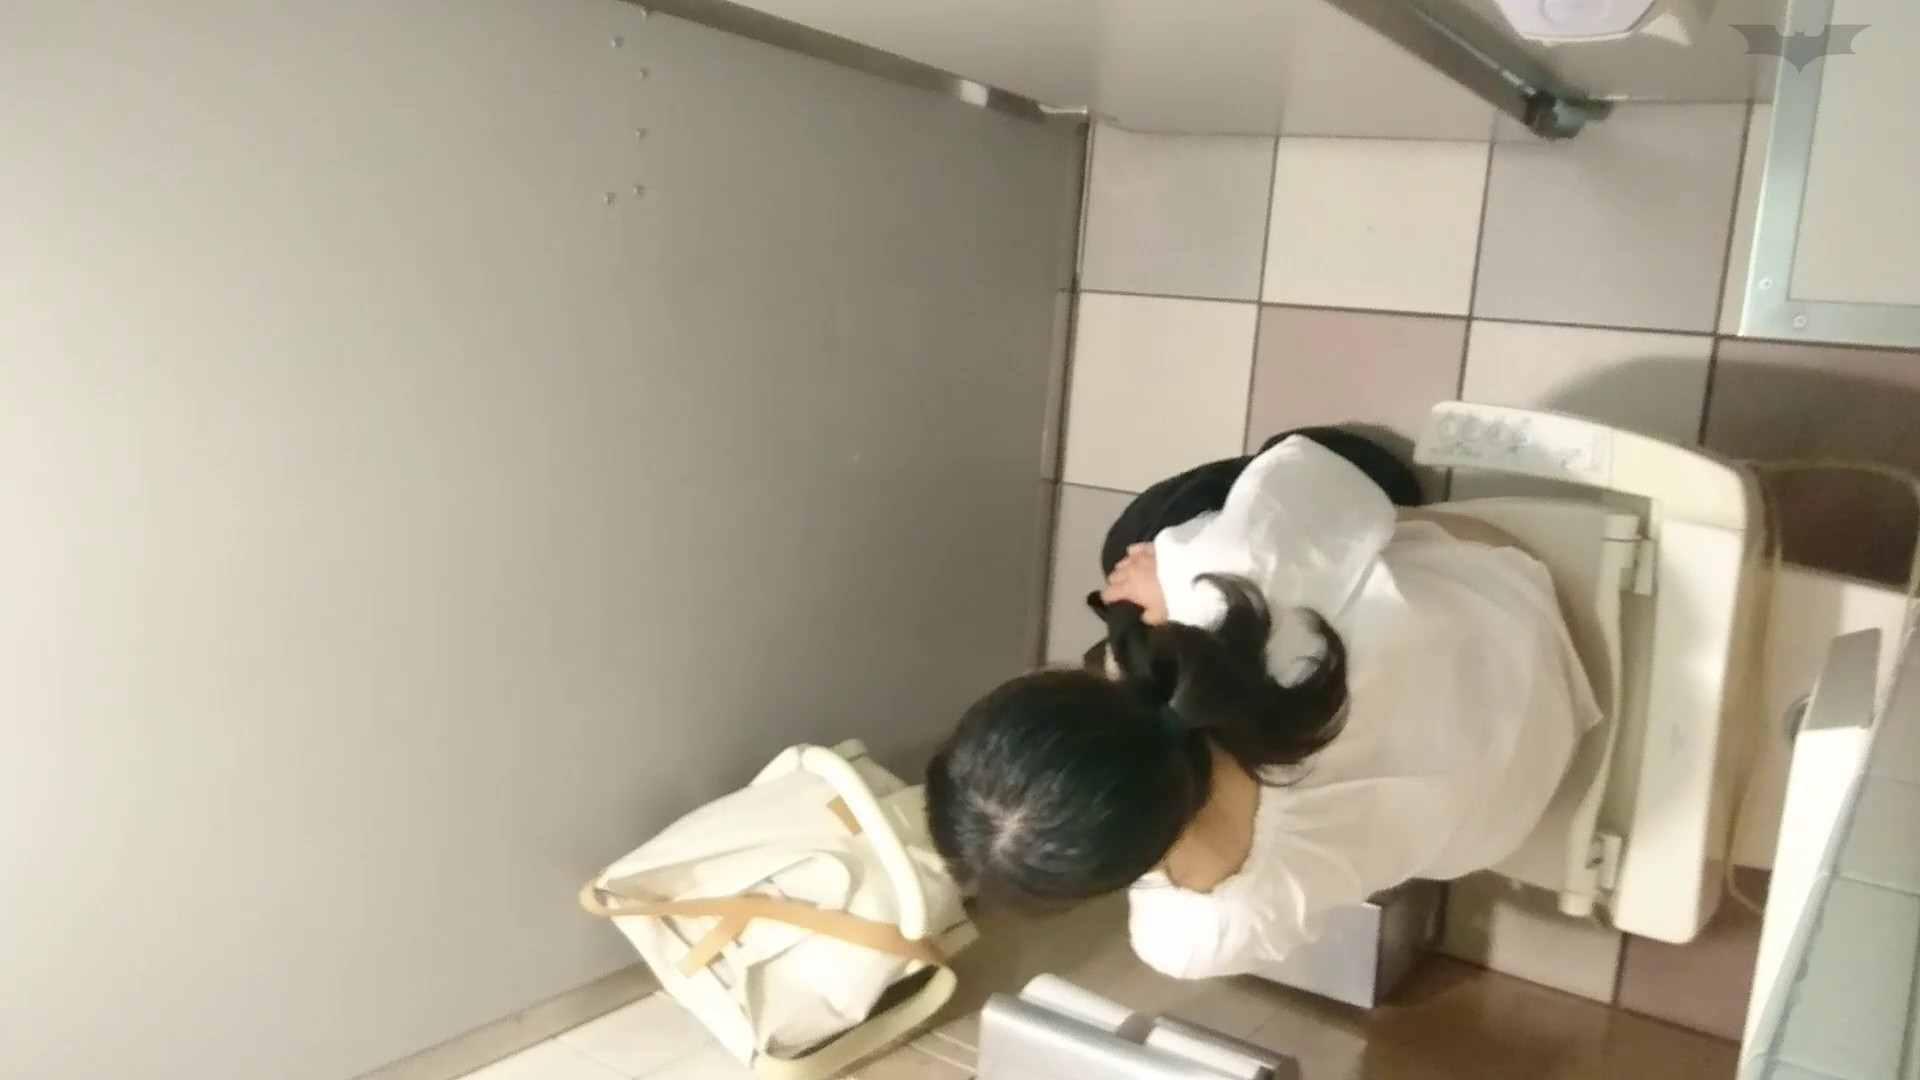 化粧室絵巻 ショッピングモール編 VOL.22 OL | 0  79連発 3